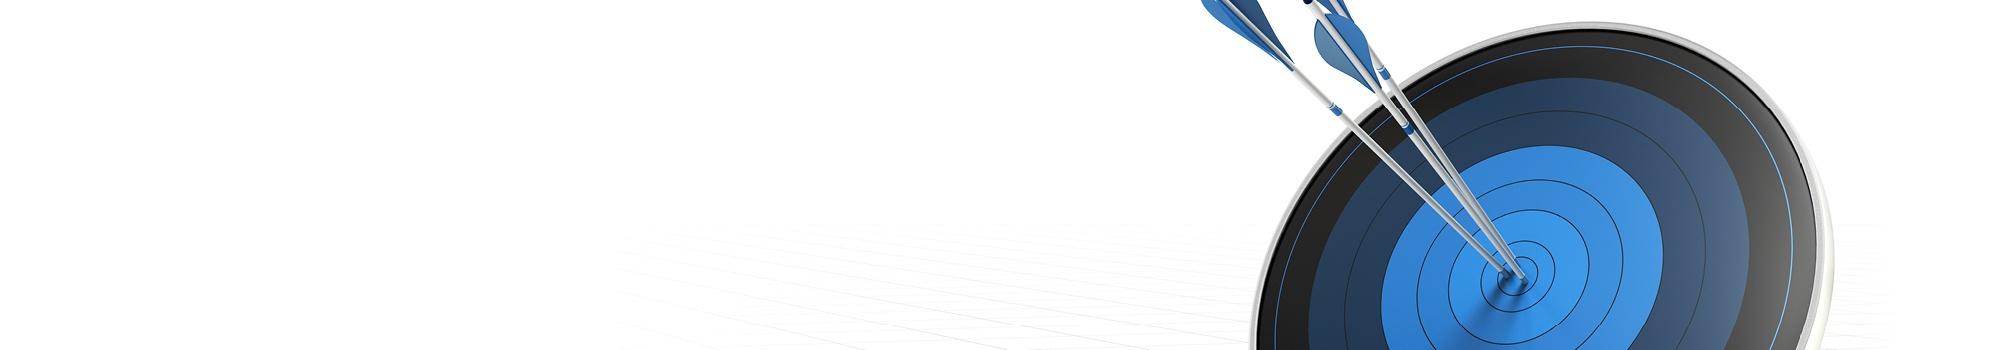 Campagna-10_2020_SLIDER